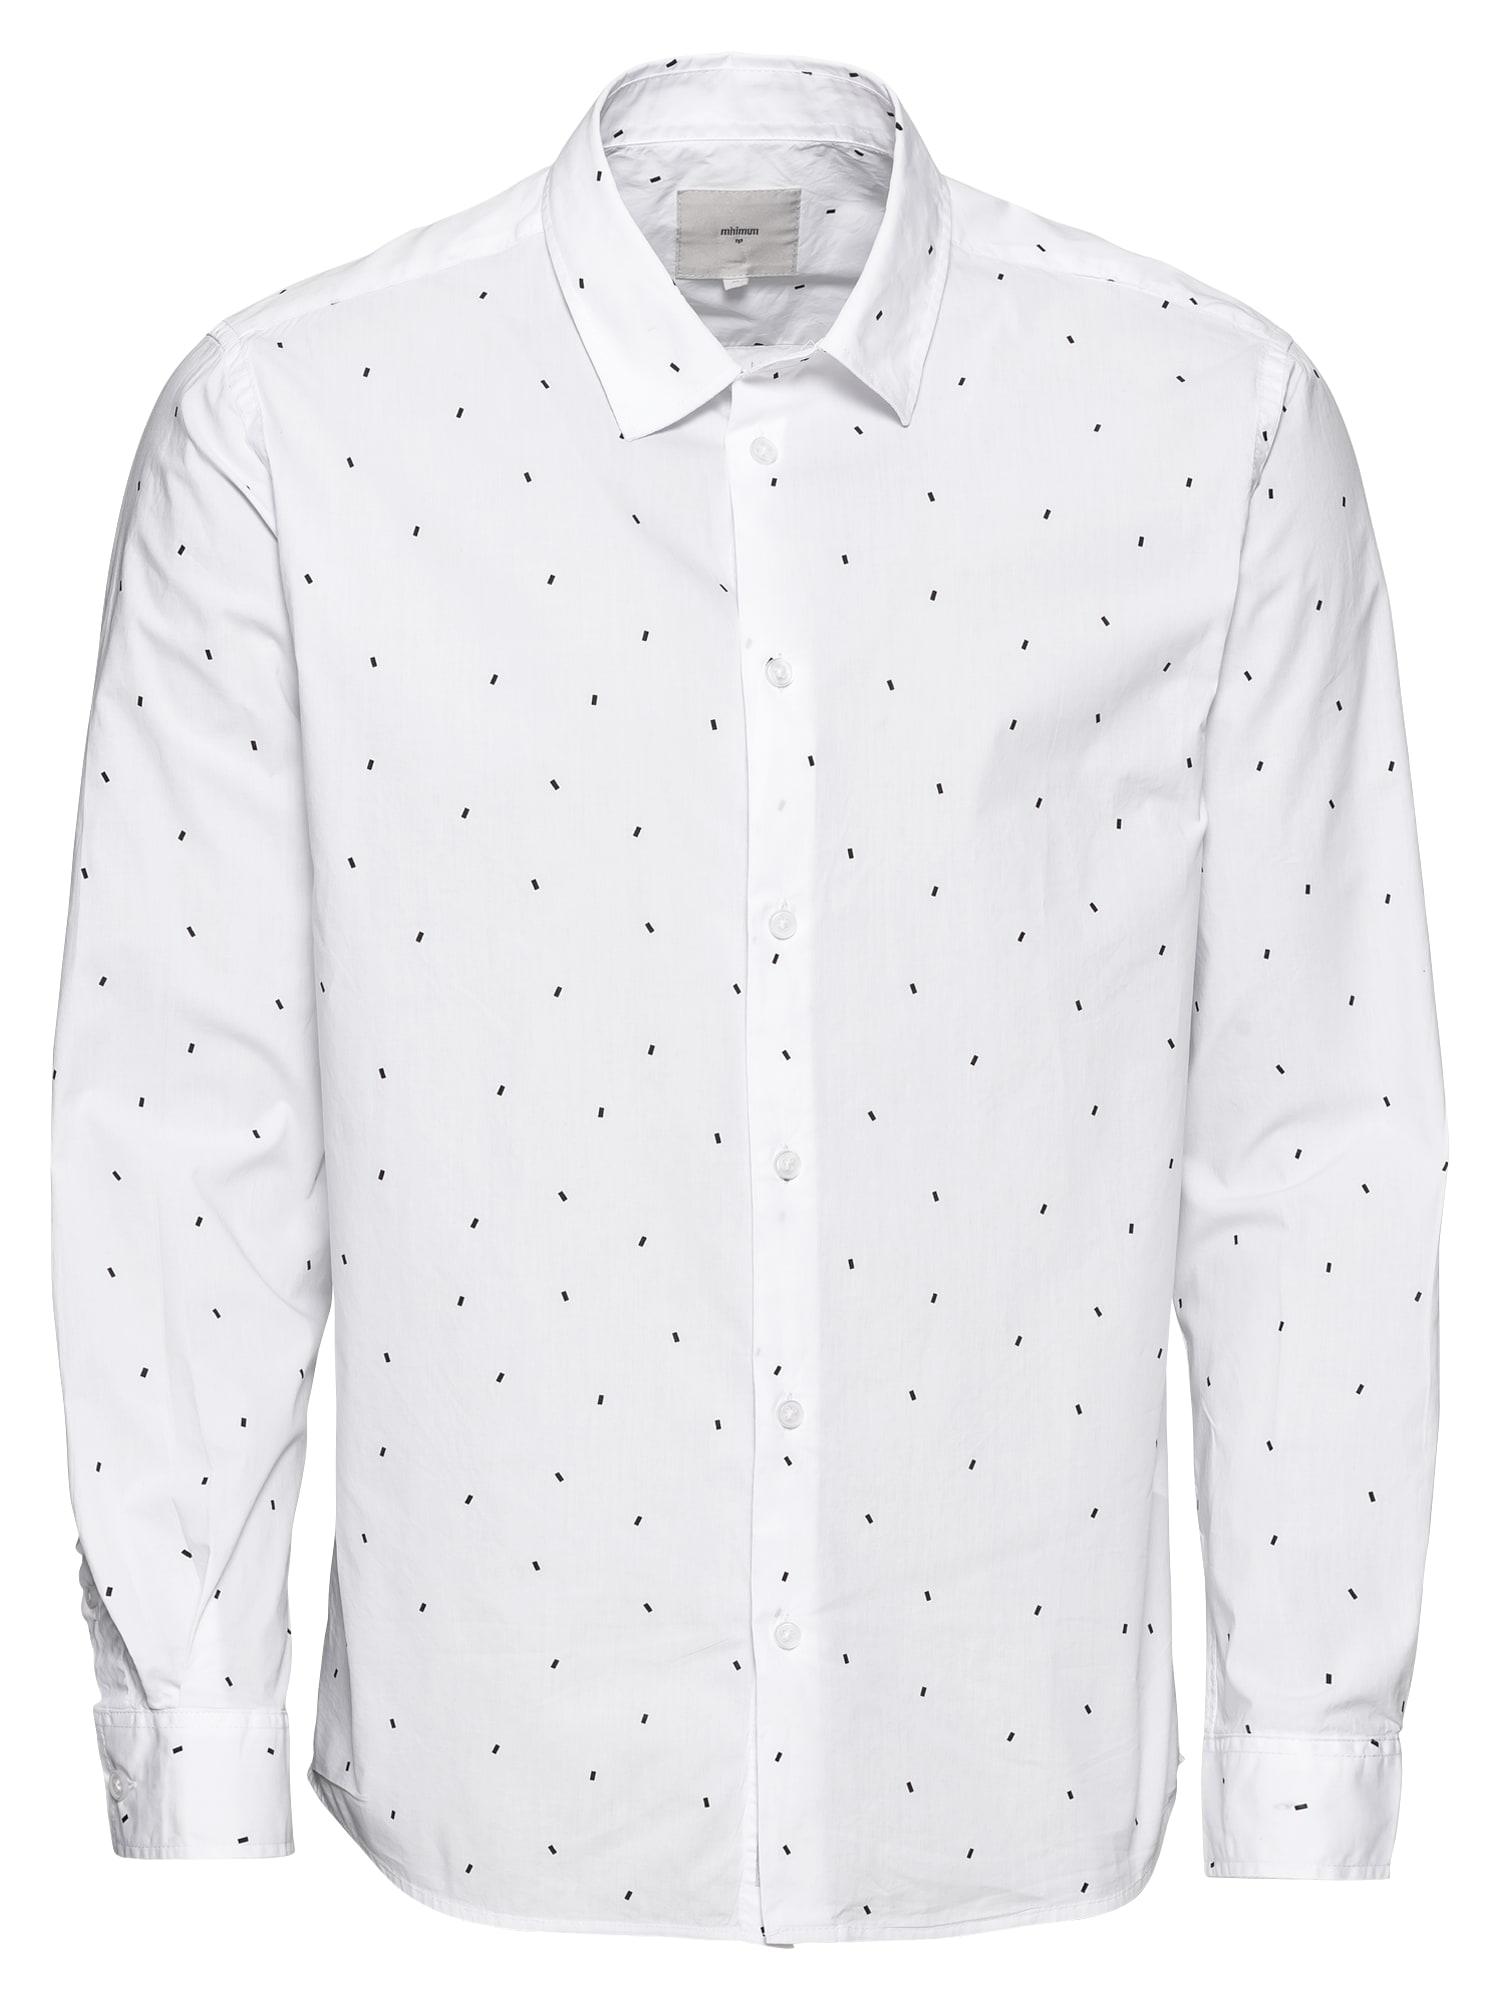 Košile topper černá bílá Minimum